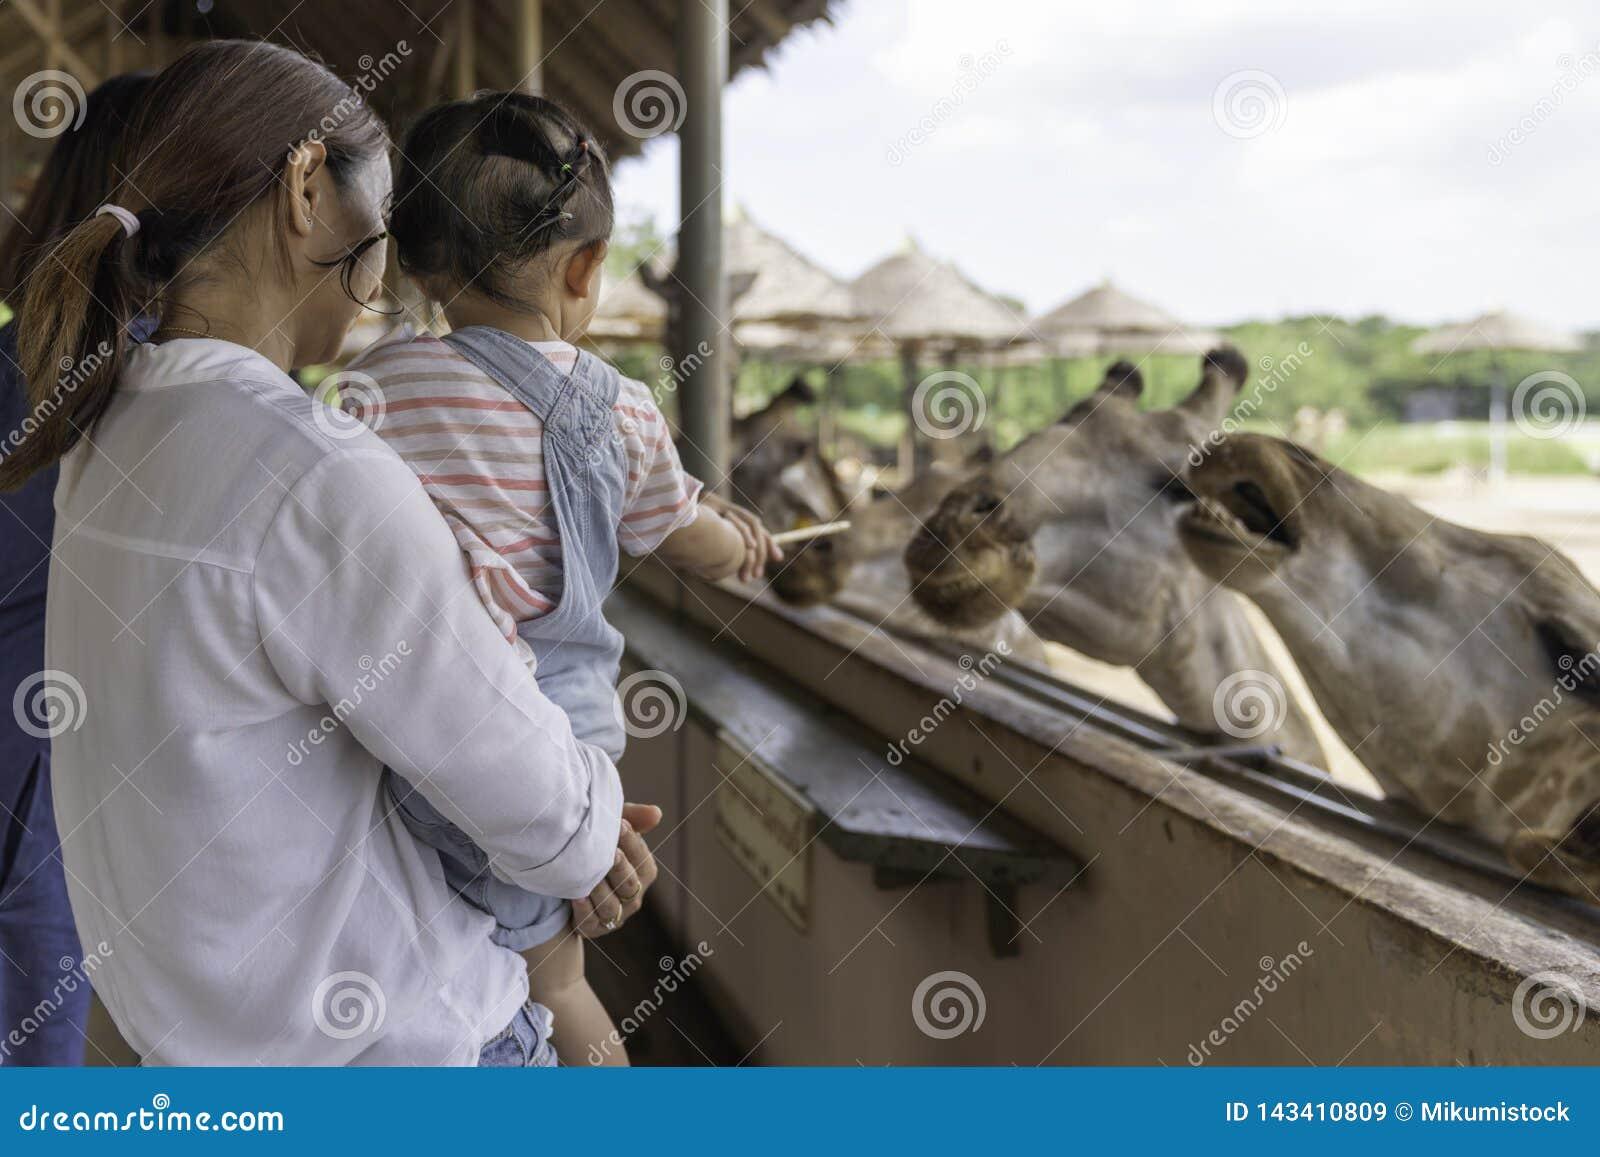 哺养在您的大长颈鹿的手上的亚裔可爱宝贝女孩在动物农场背景中